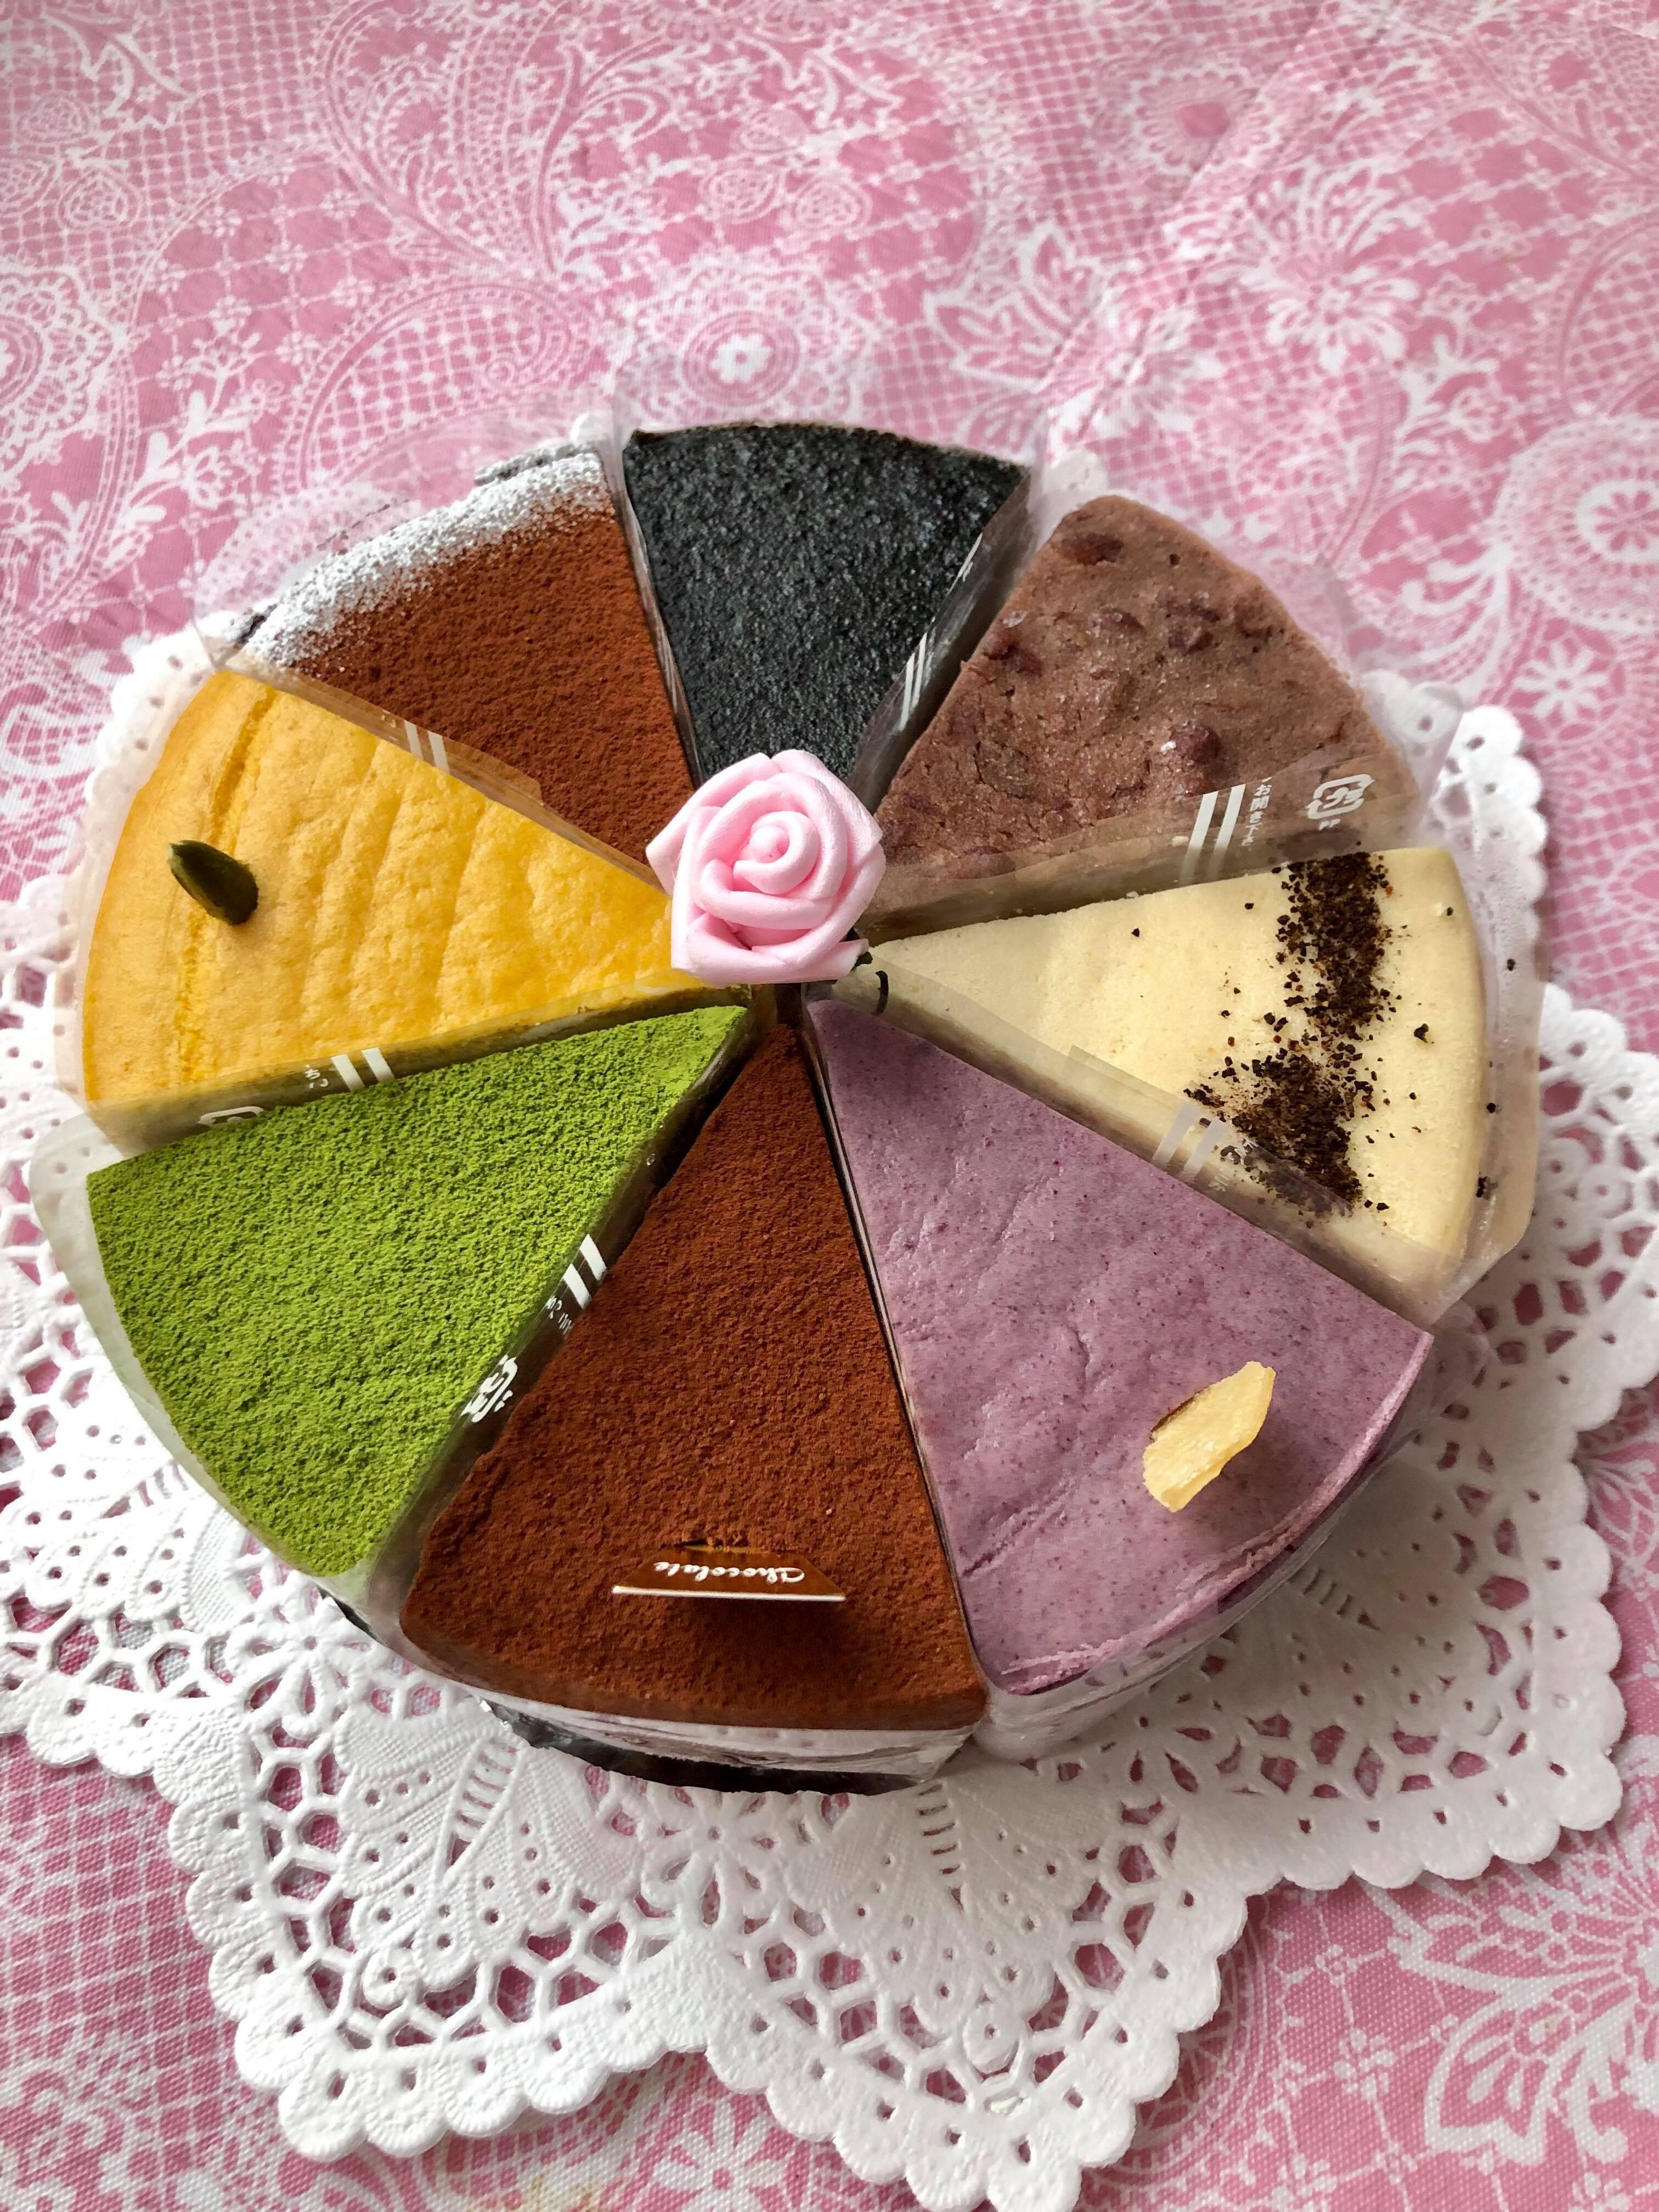 とうふケーキセット8個